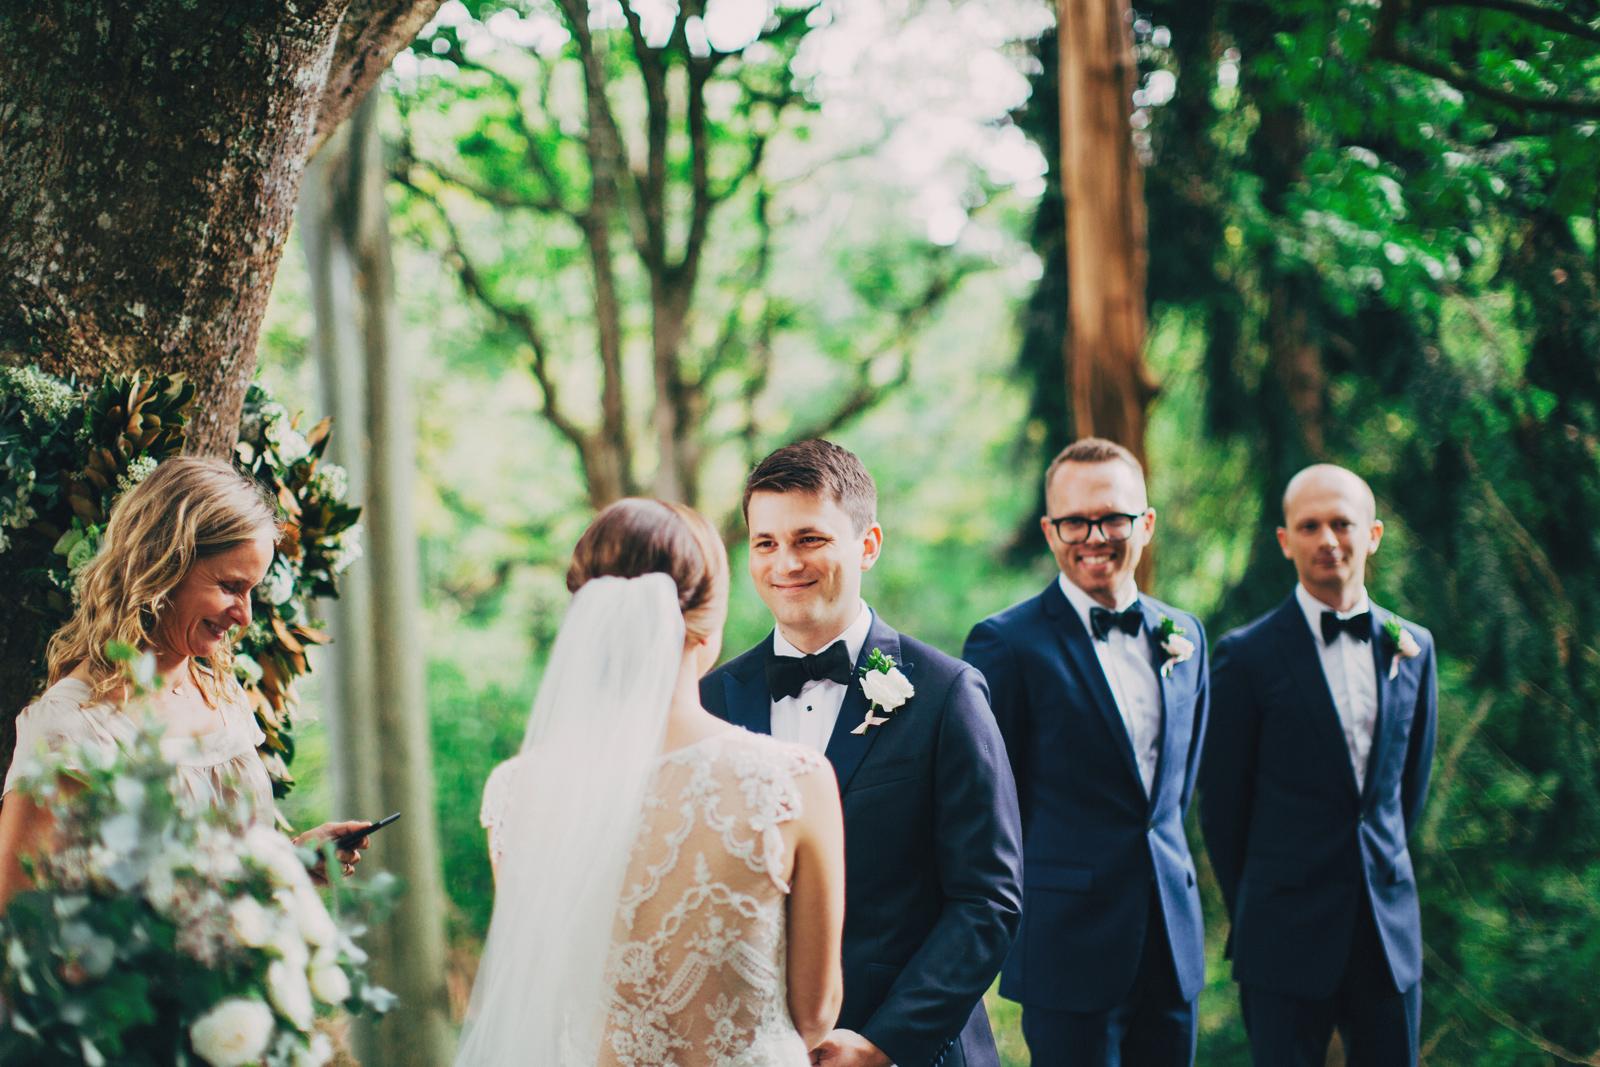 Hilary-&-Darren-Married---0318